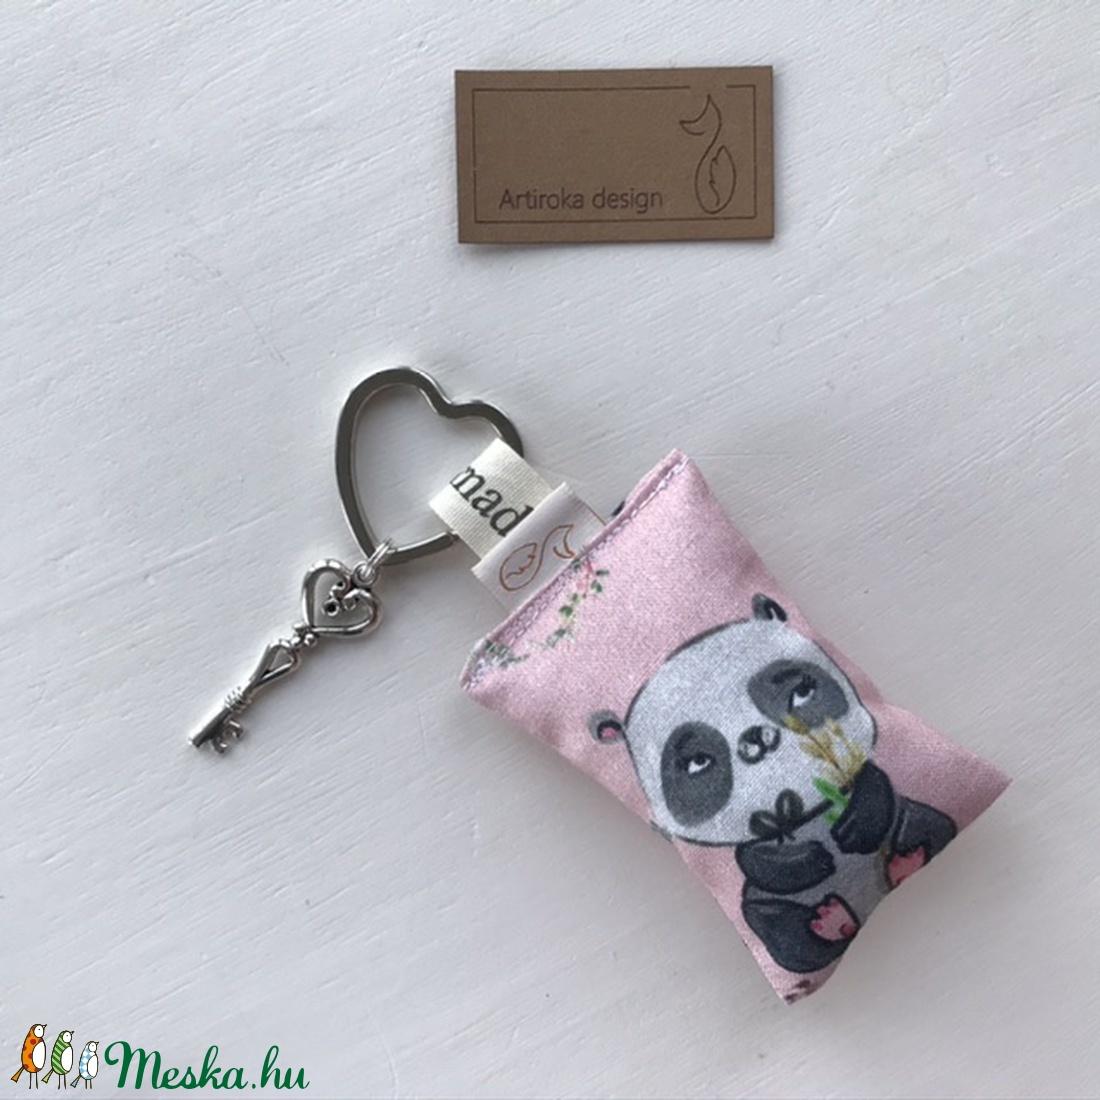 Panda maci mintás, szív alakú kulcstartón,  vintage kulcs dísszel - Anyák napja - Artiroka design  (Mesedoboz) - Meska.hu